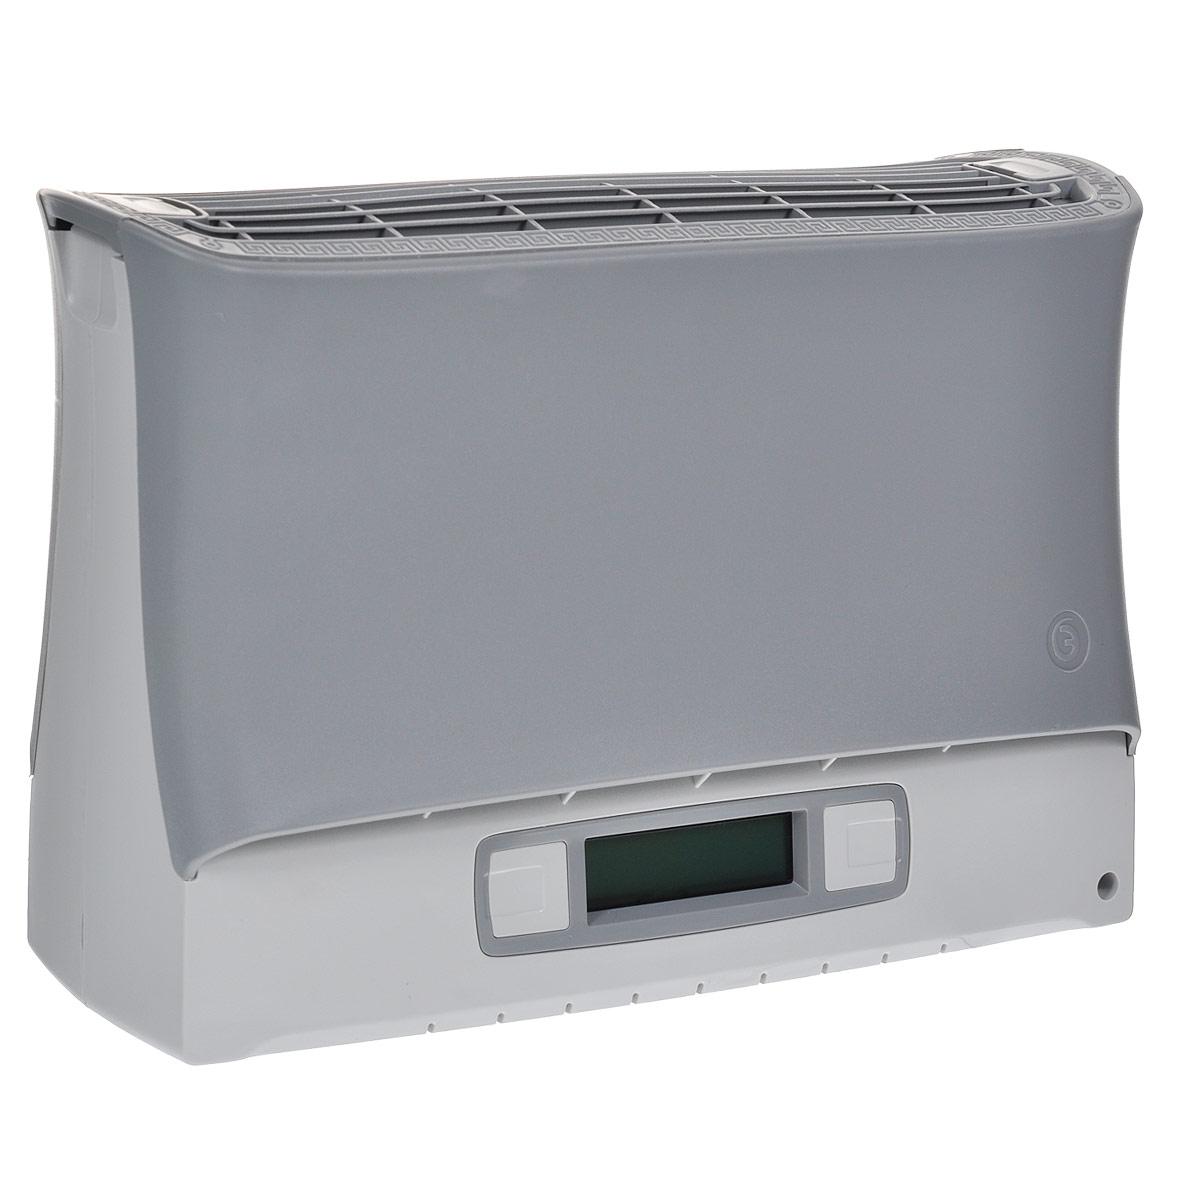 Супер Плюс Био с ЖК-дисплеем очиститель-ионизатор воздуха